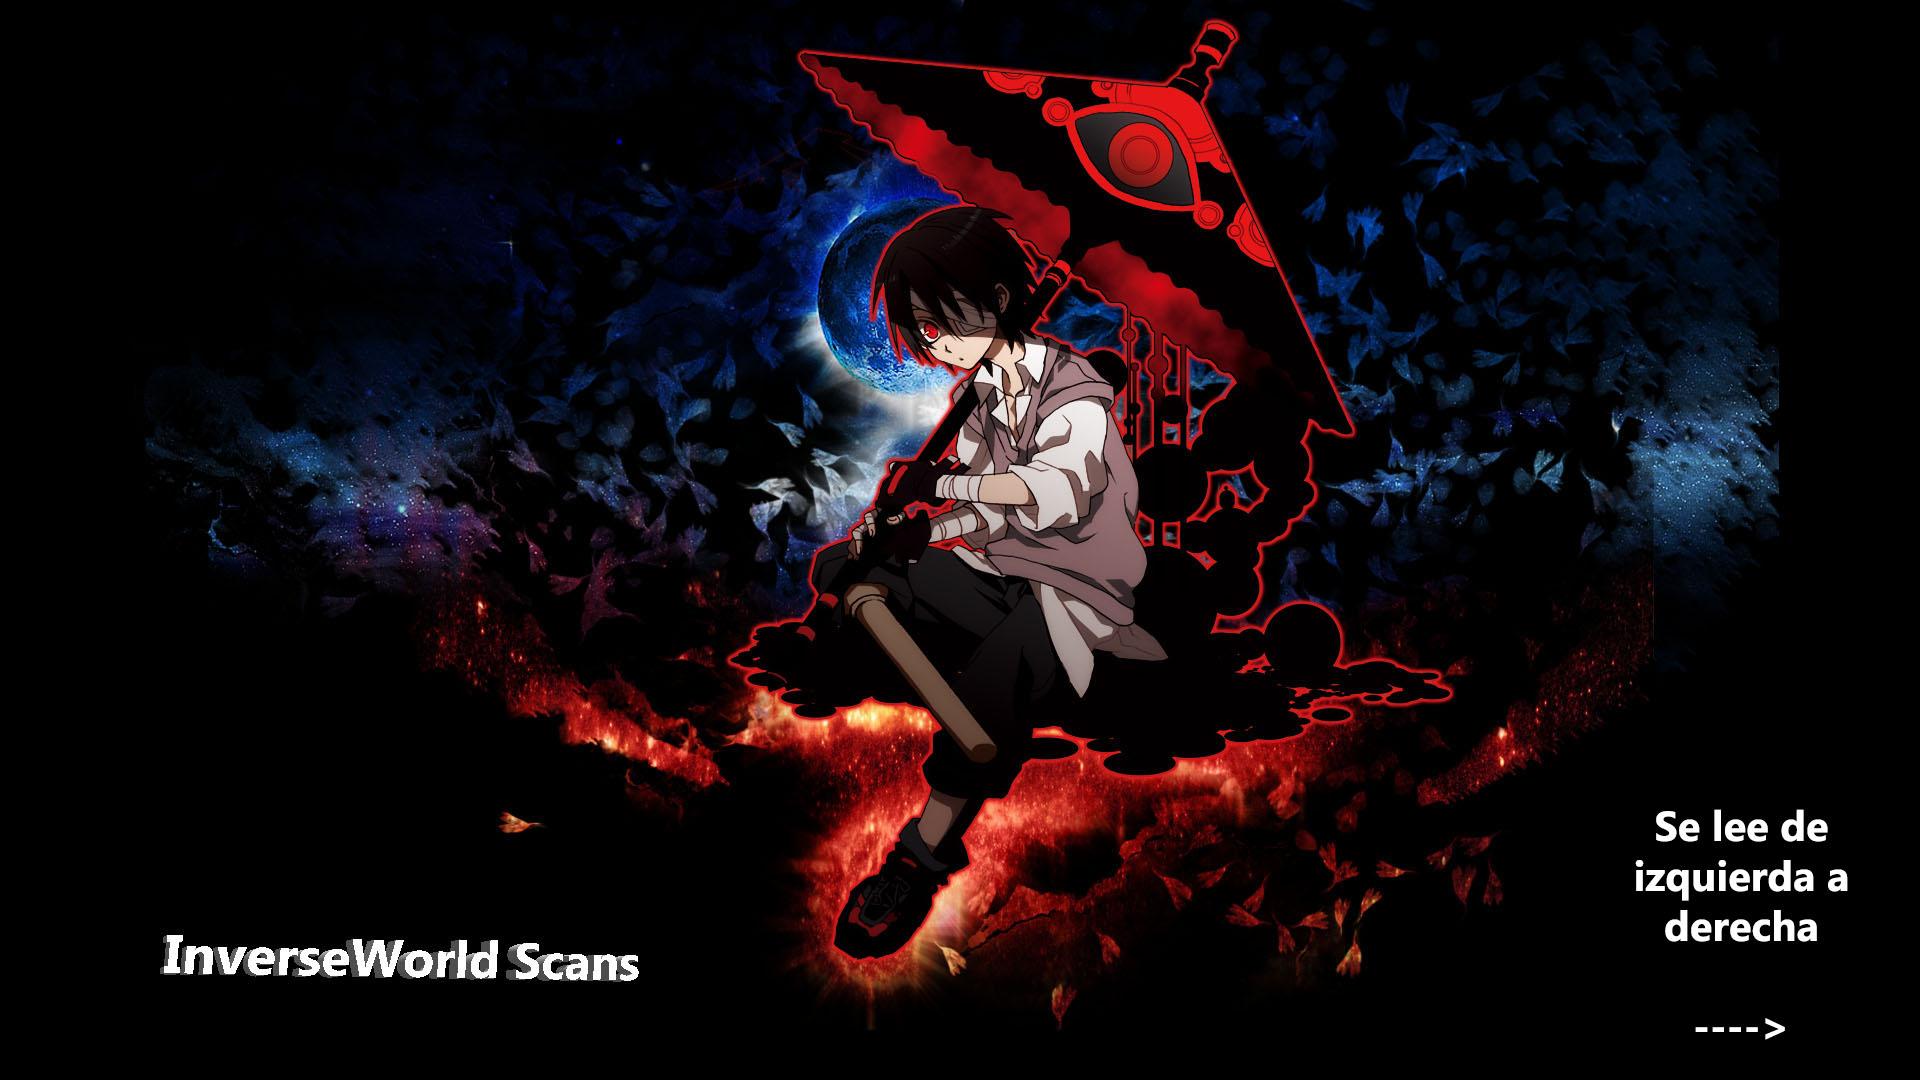 https://c5.mangatag.com/es_manga/10/14602/395559/237db651eb608979b2d2ba70cce555e6.jpg Page 1